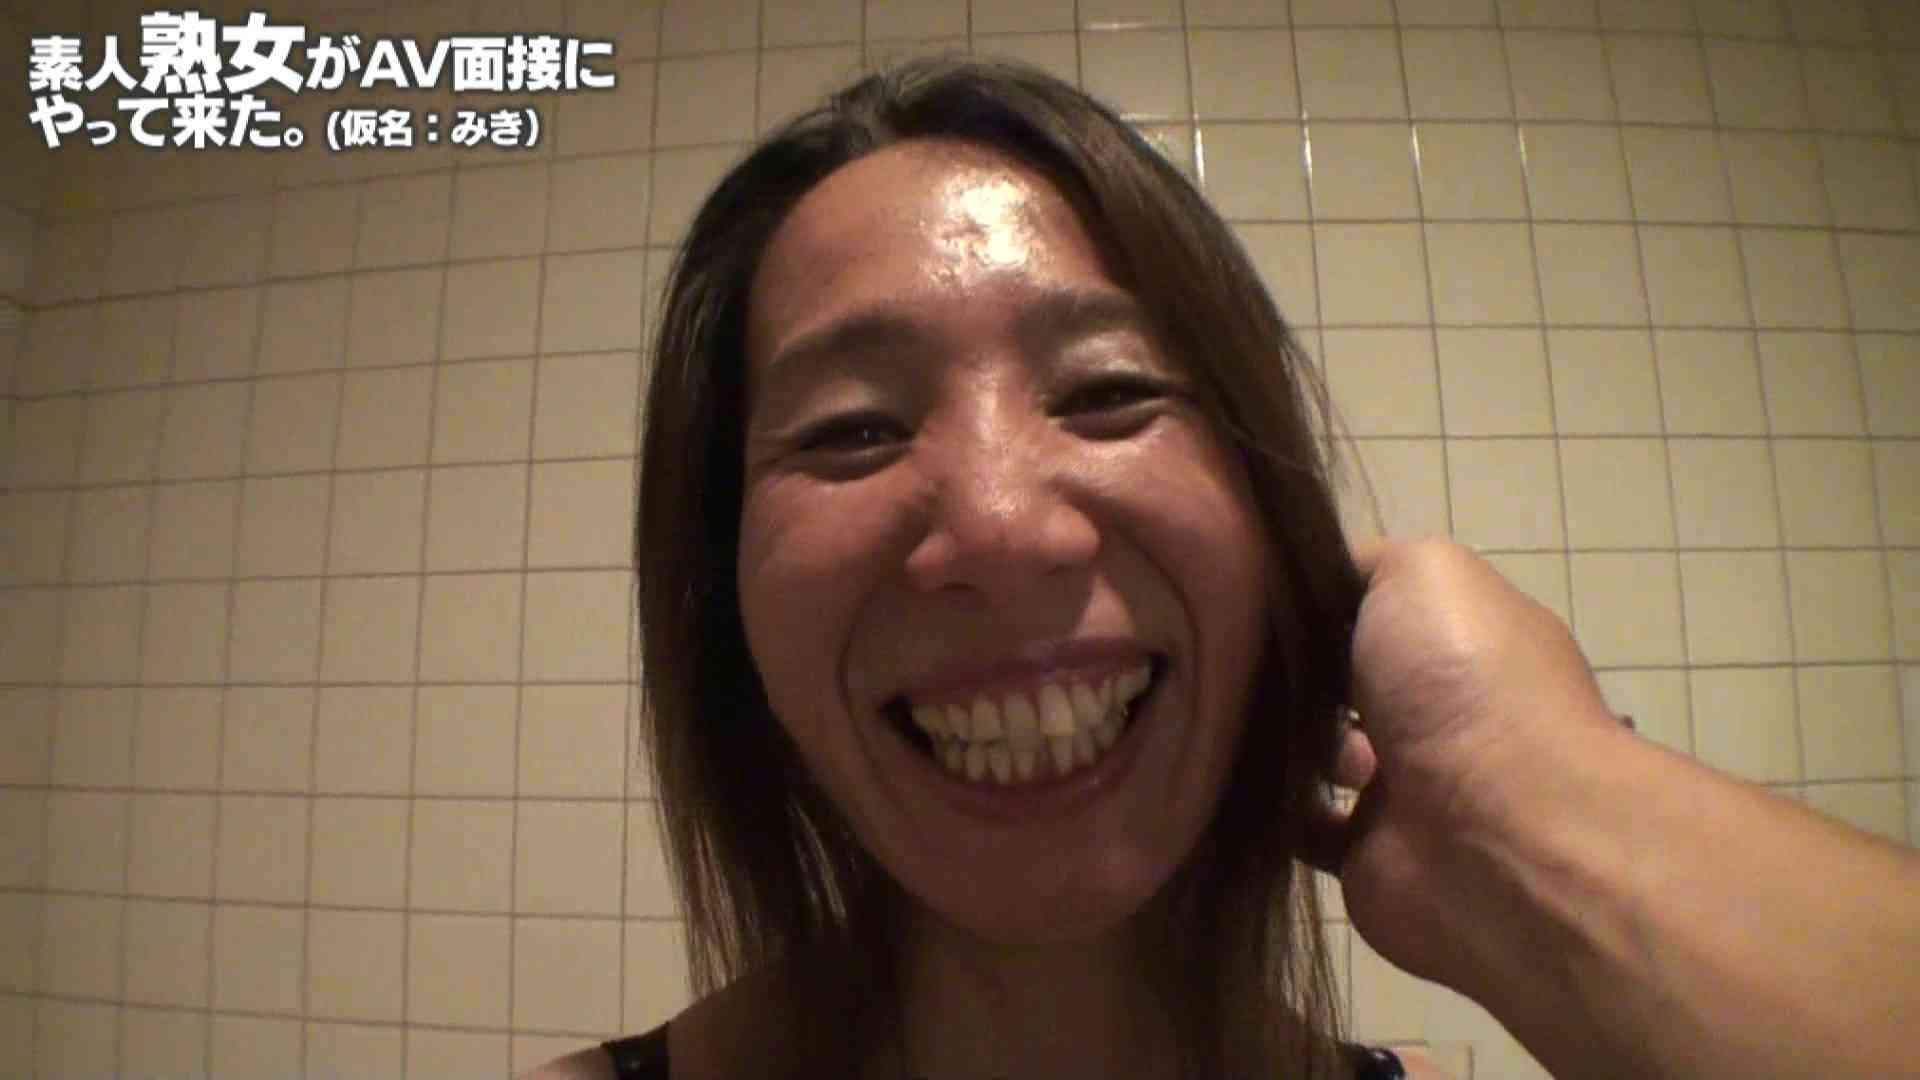 素人熟女がAV面接にやってきた (熟女)みきさんVOL.03 熟女のエッチ オメコ動画キャプチャ 105pic 17